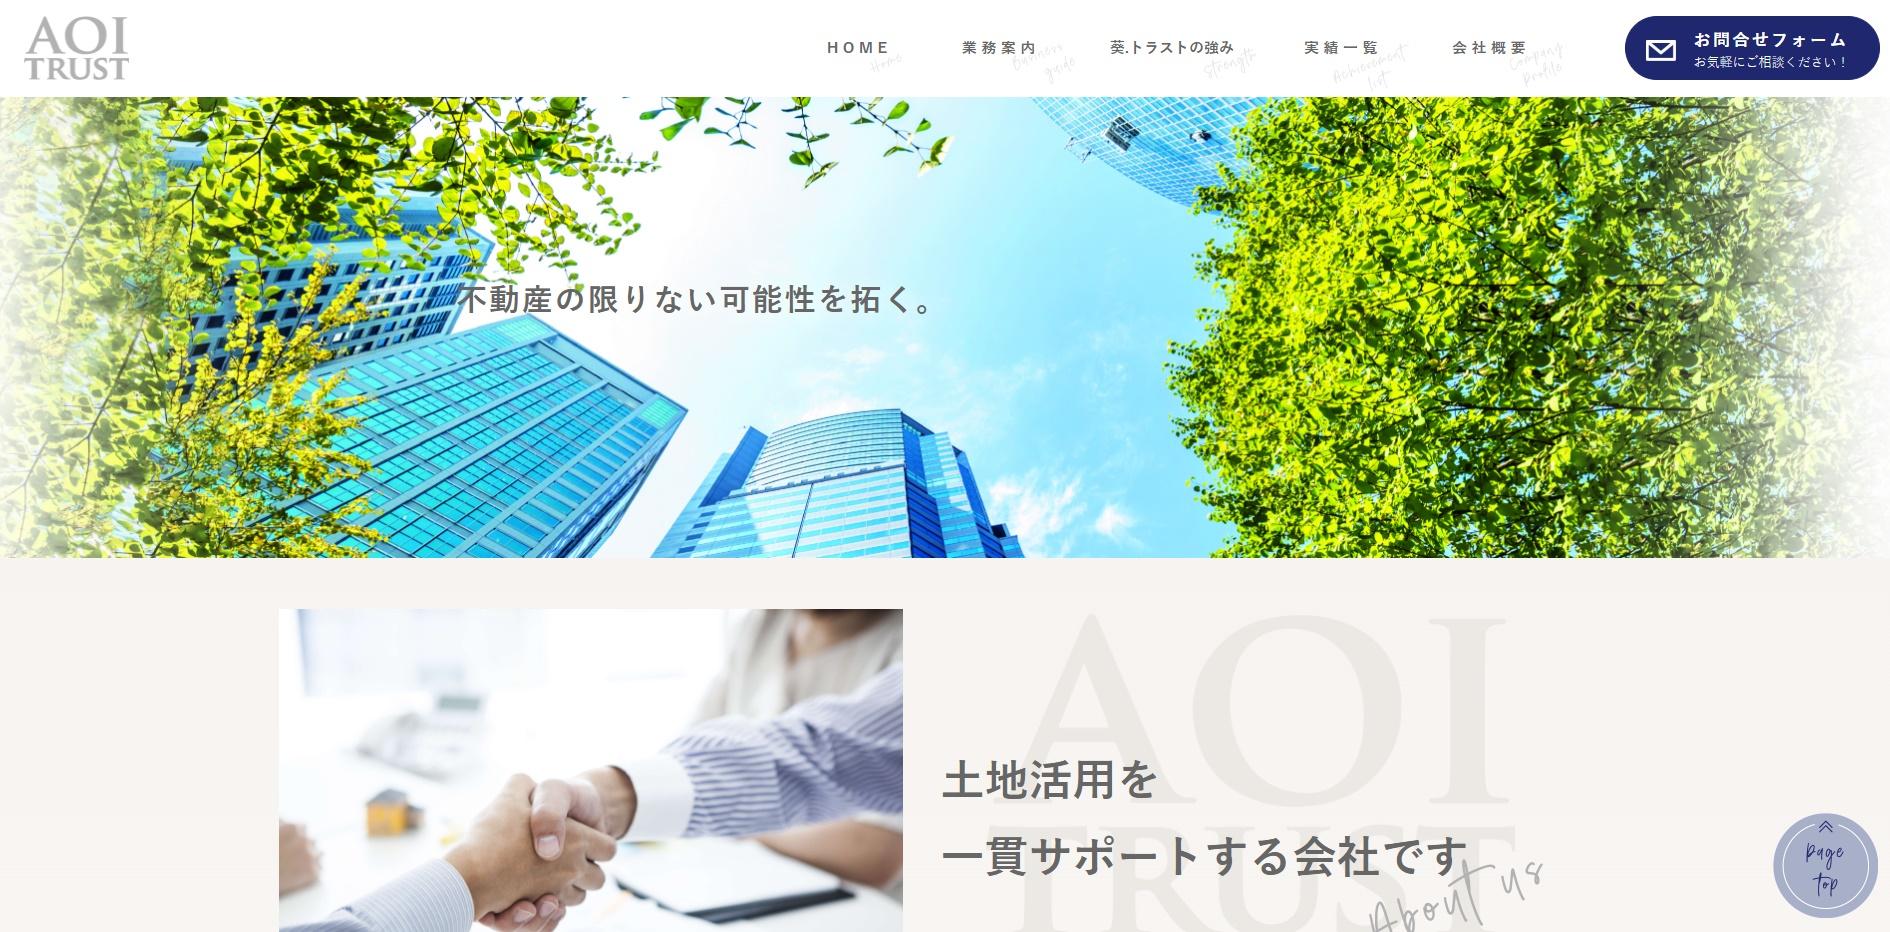 株式会社 葵.トラスト